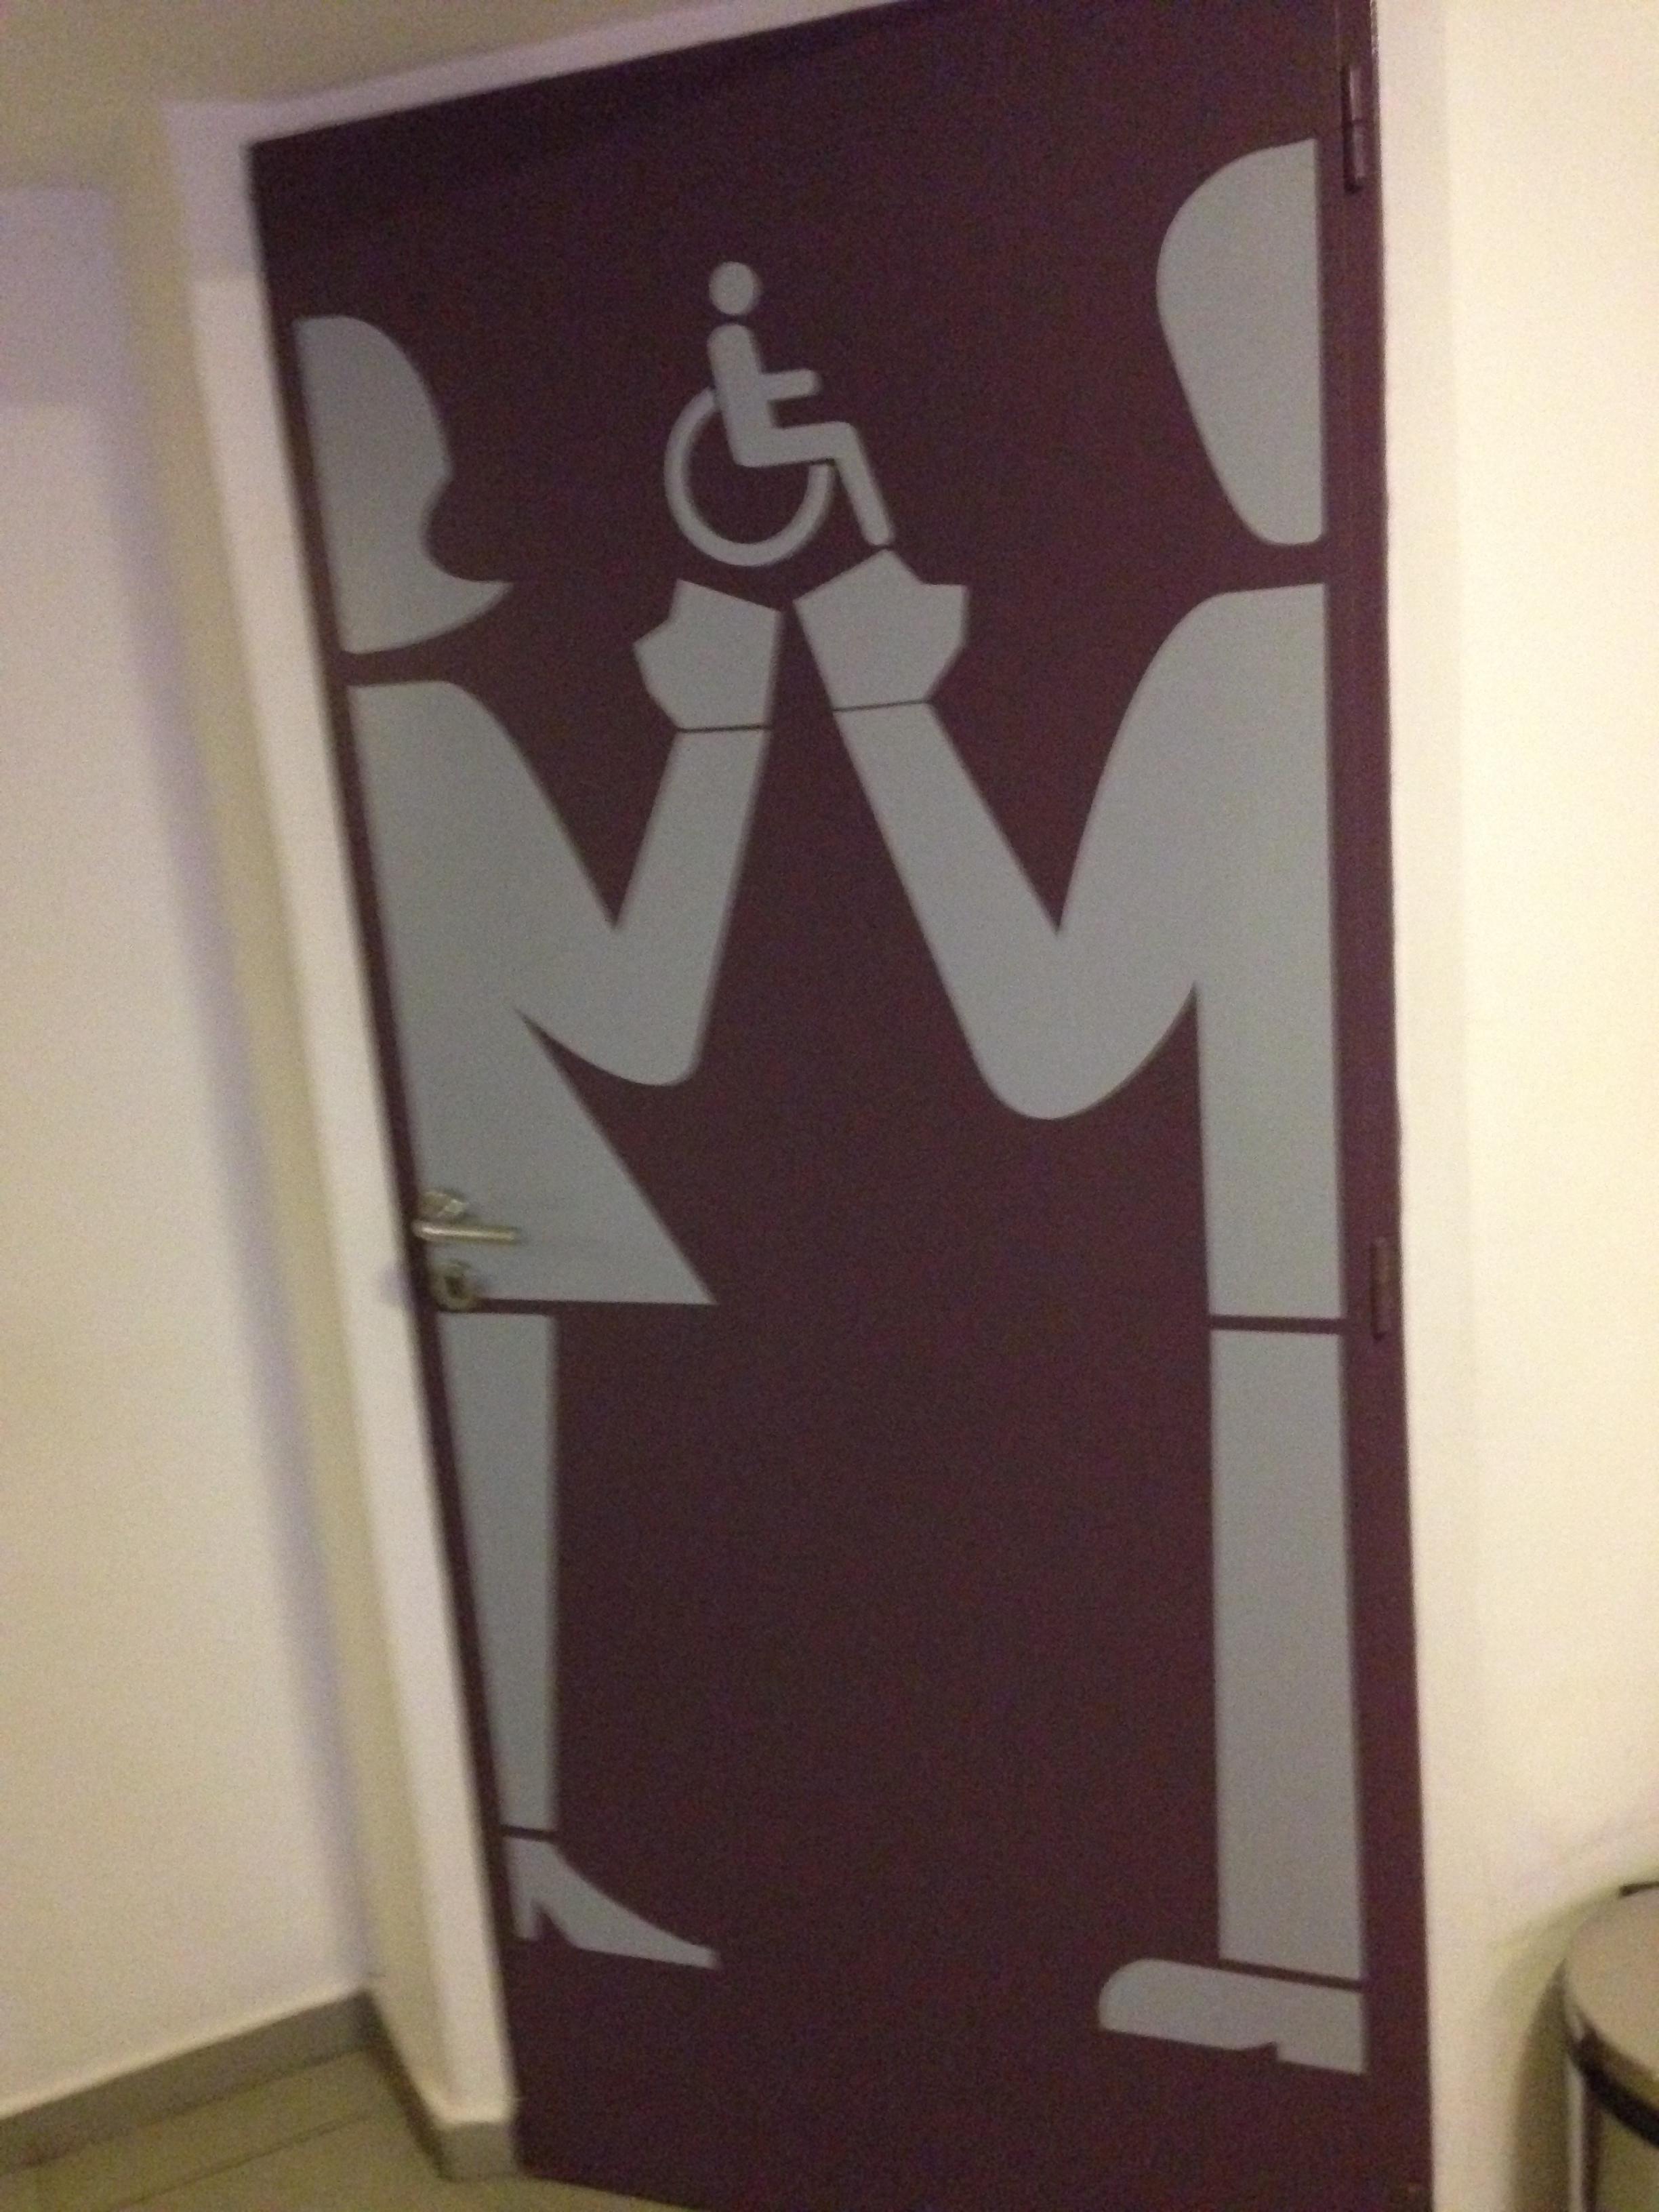 Porta do banheiro adaptado no térreo do Hotel Infinito #9F752C 2448x3264 Banheiro Adaptado